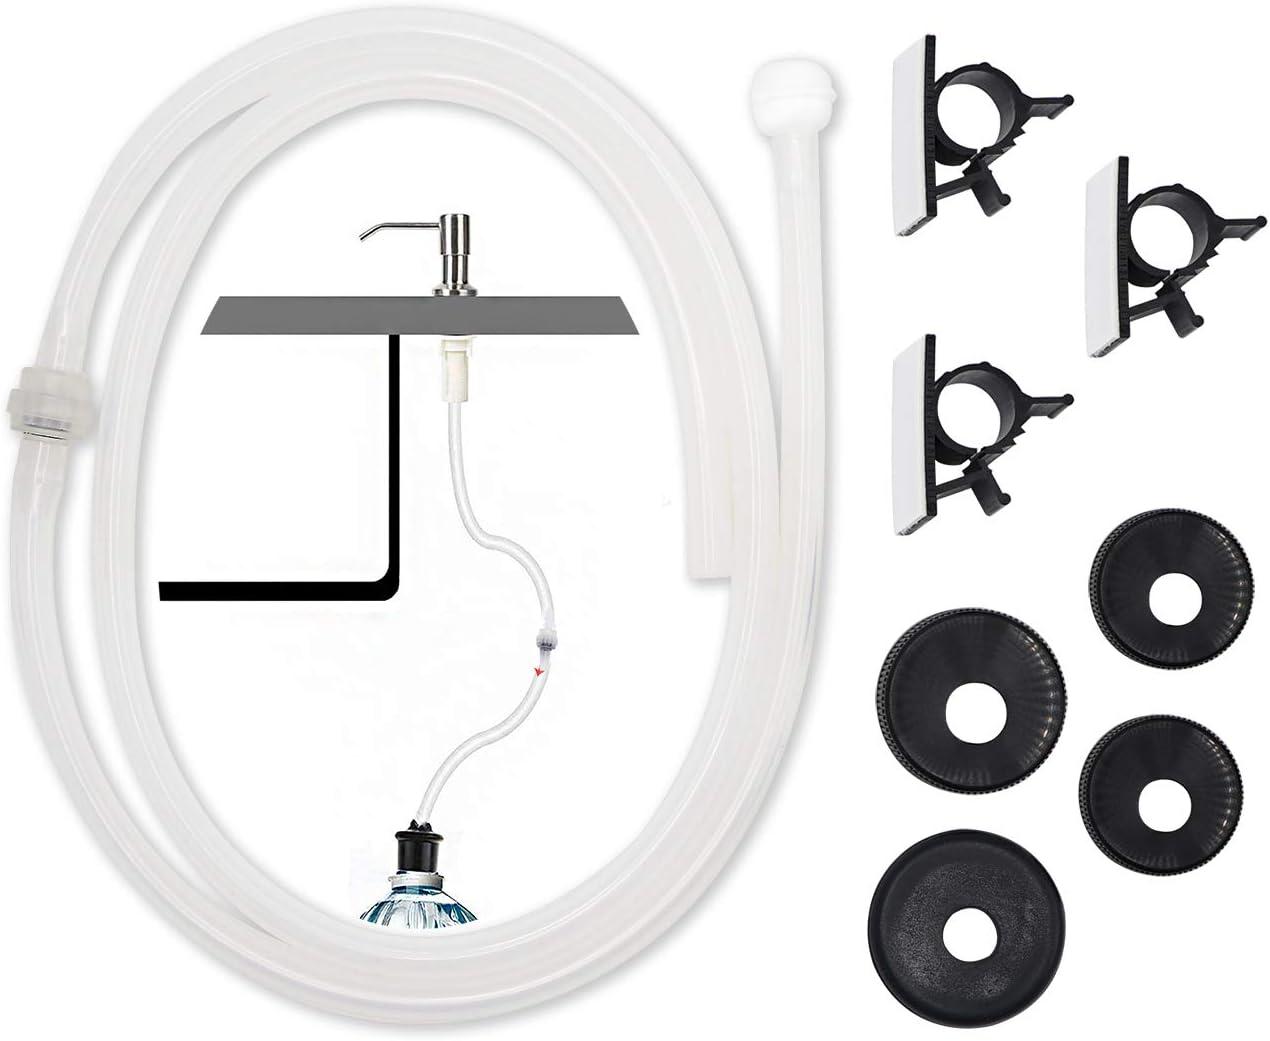 Soap Dispenser Extension Tube Kit(48.8